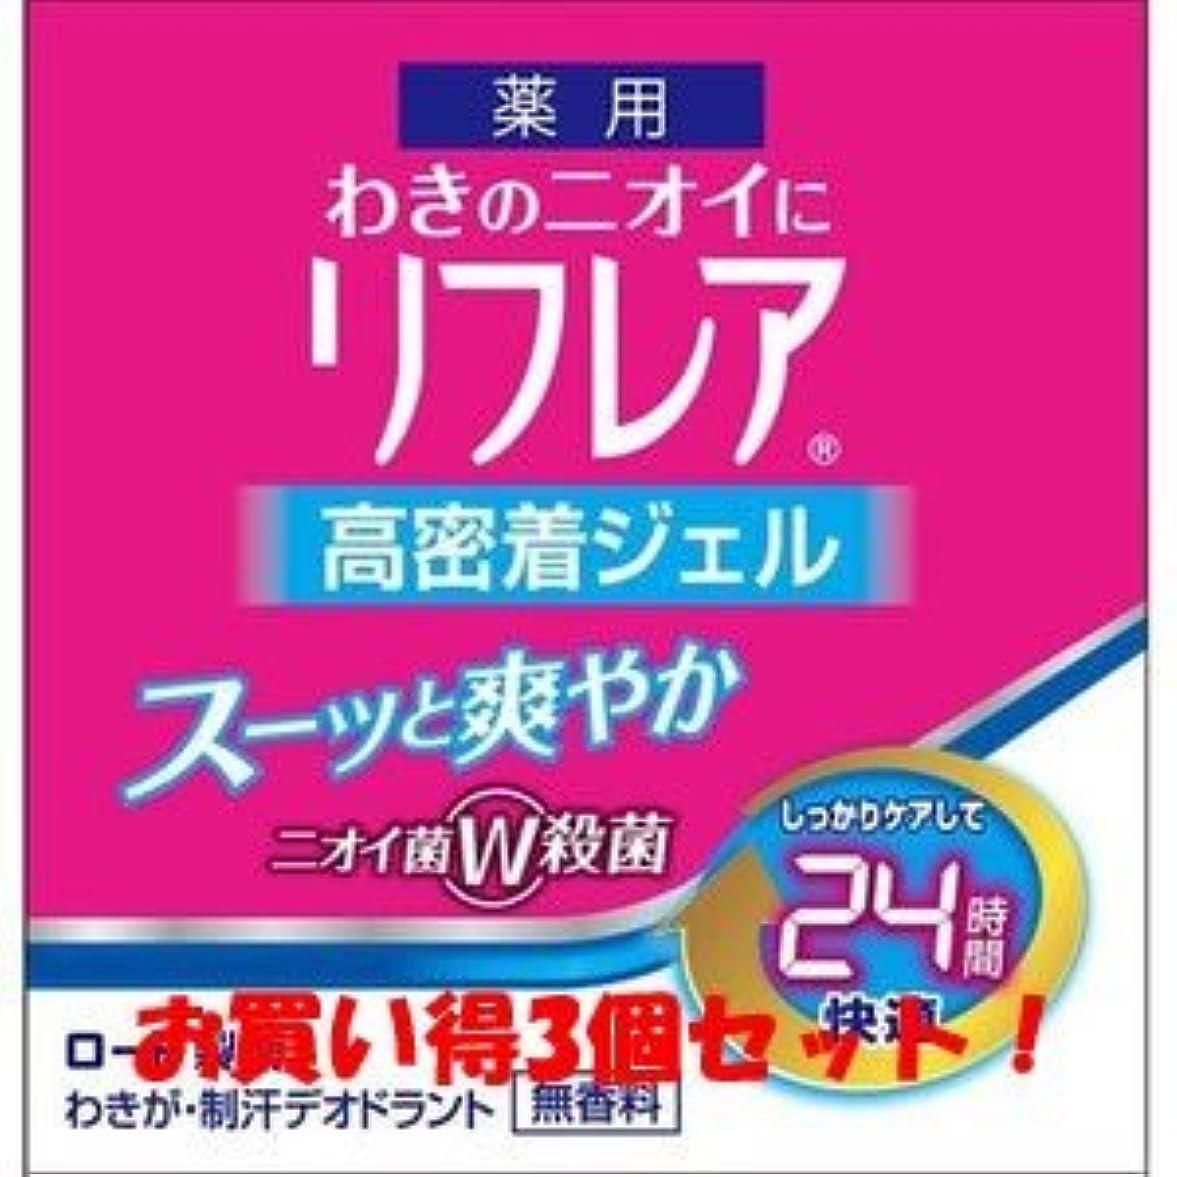 運命式褒賞(ロート製薬)メンソレータム リフレア デオドラントジェル 48g(医薬部外品)(お買い得3個セット)